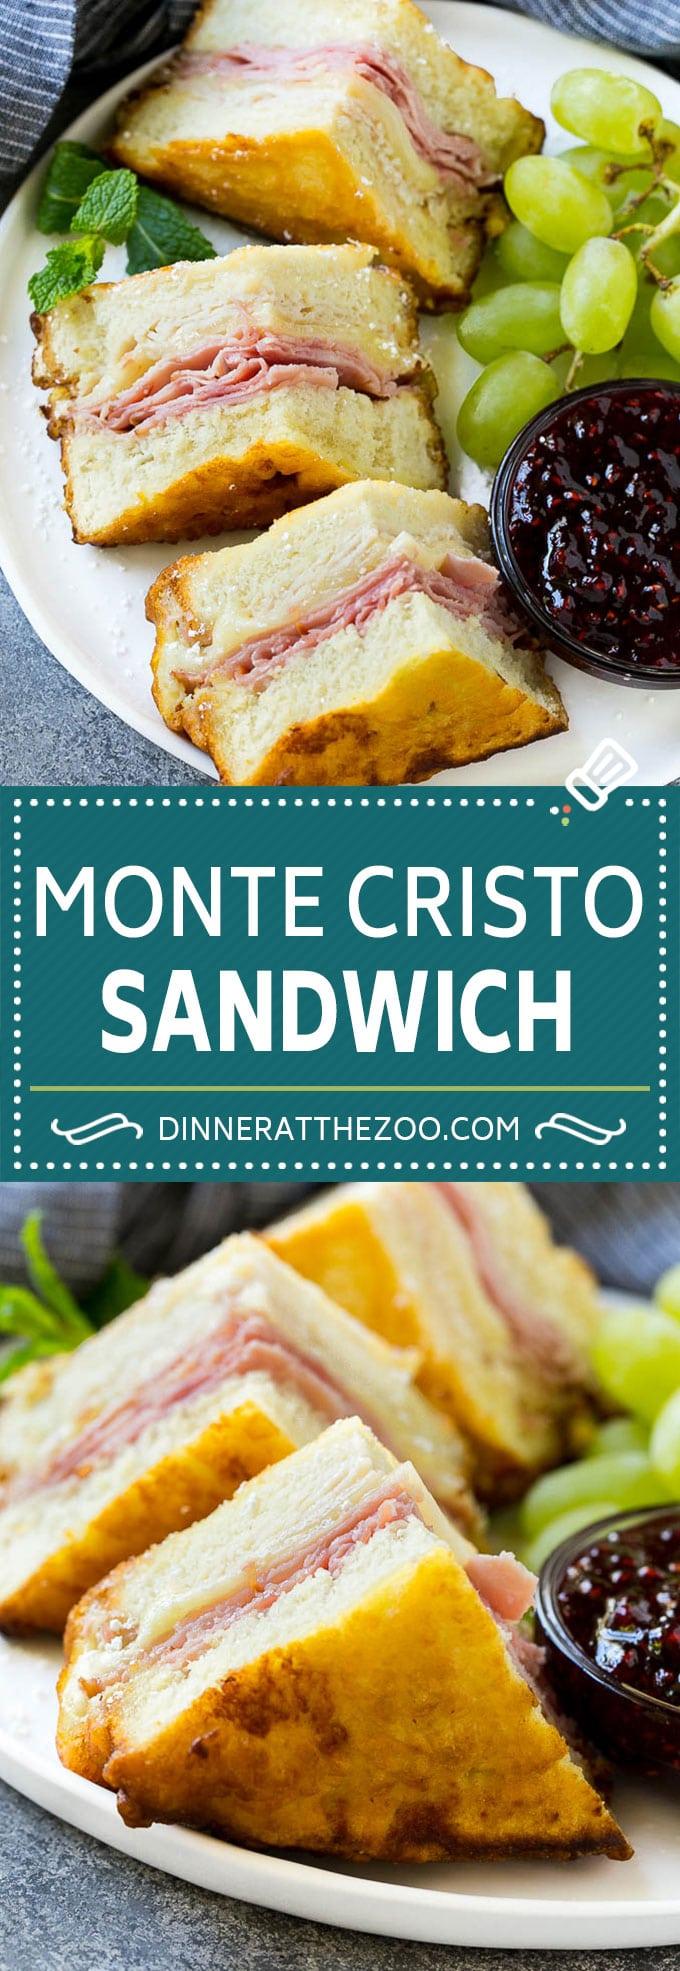 Monte Cristo Sandwich Recipe | Disneyland Monte Cristo Sandwich | Turkey Sandwich | Ham Sandwich #sandwich #dinneratthezoo #turkeysandwich